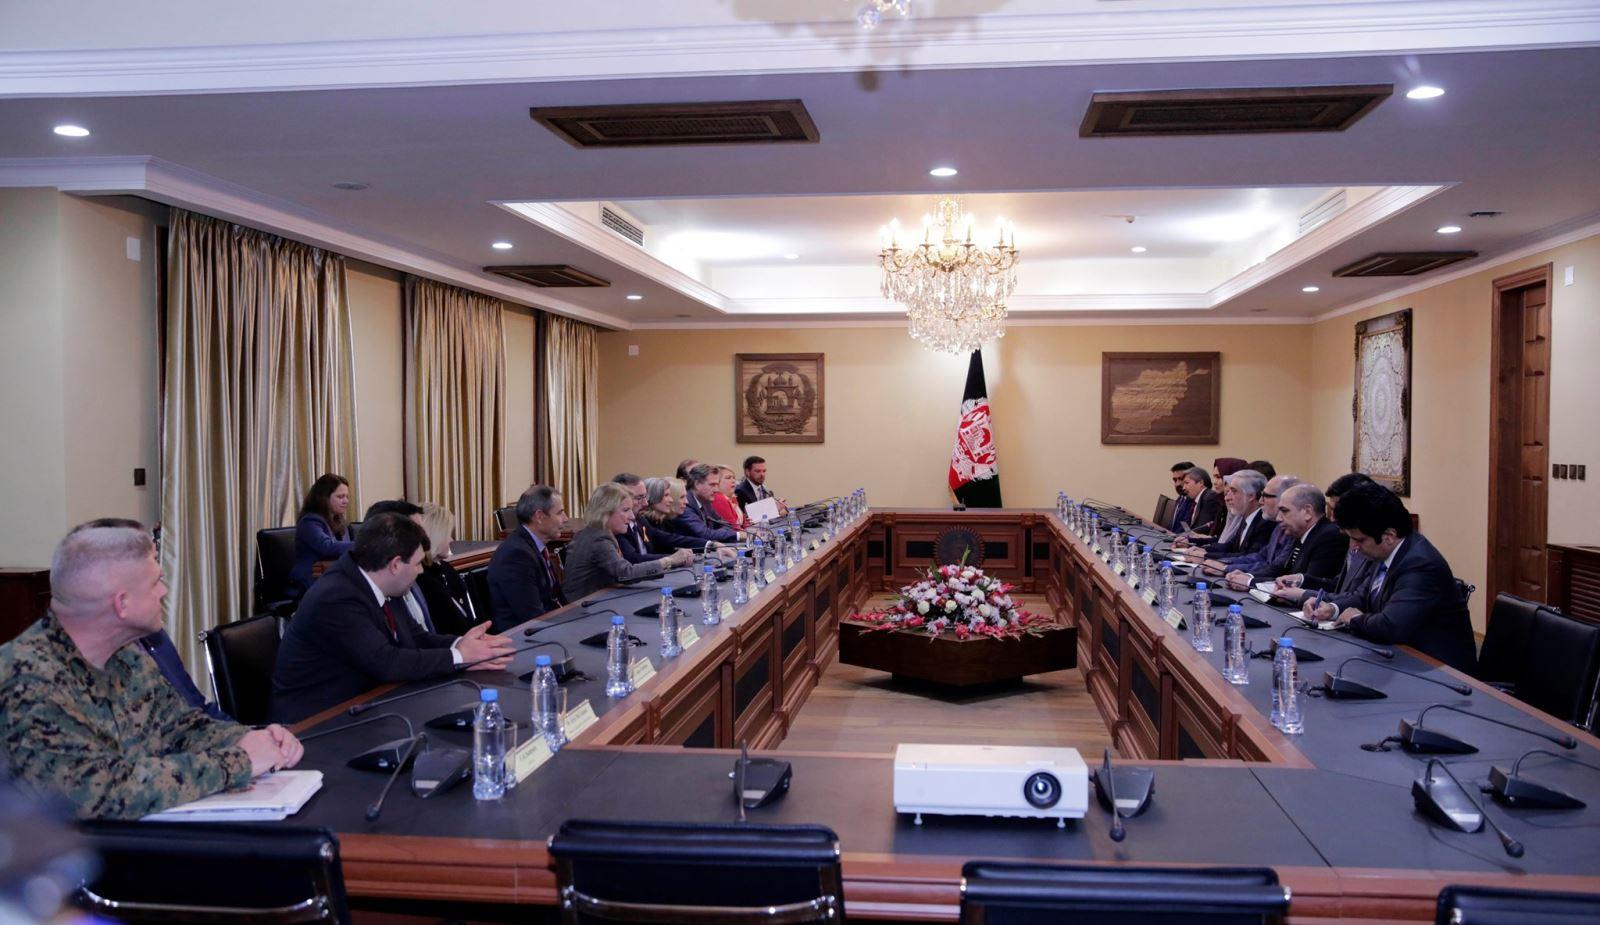 رییس اجراییه در دیدار با هيأت عالي رتبهی کانگرس: آینده انتخابات و دموکراسی در افغانستان به انتخابات ۲۰۱۹ وابسته است